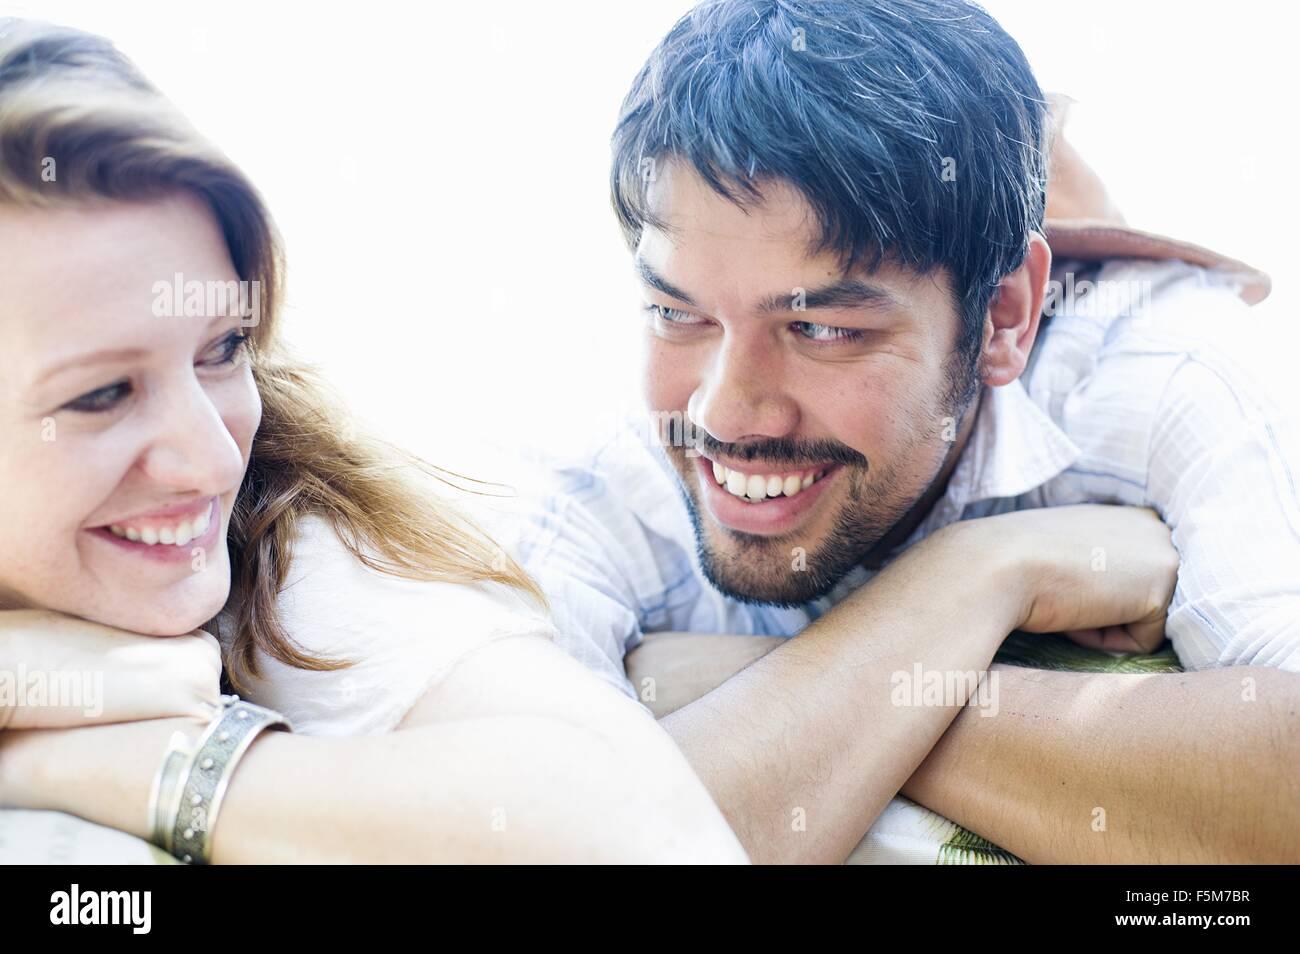 Close Up retrato de pareja feliz haciendo contacto visual Imagen De Stock